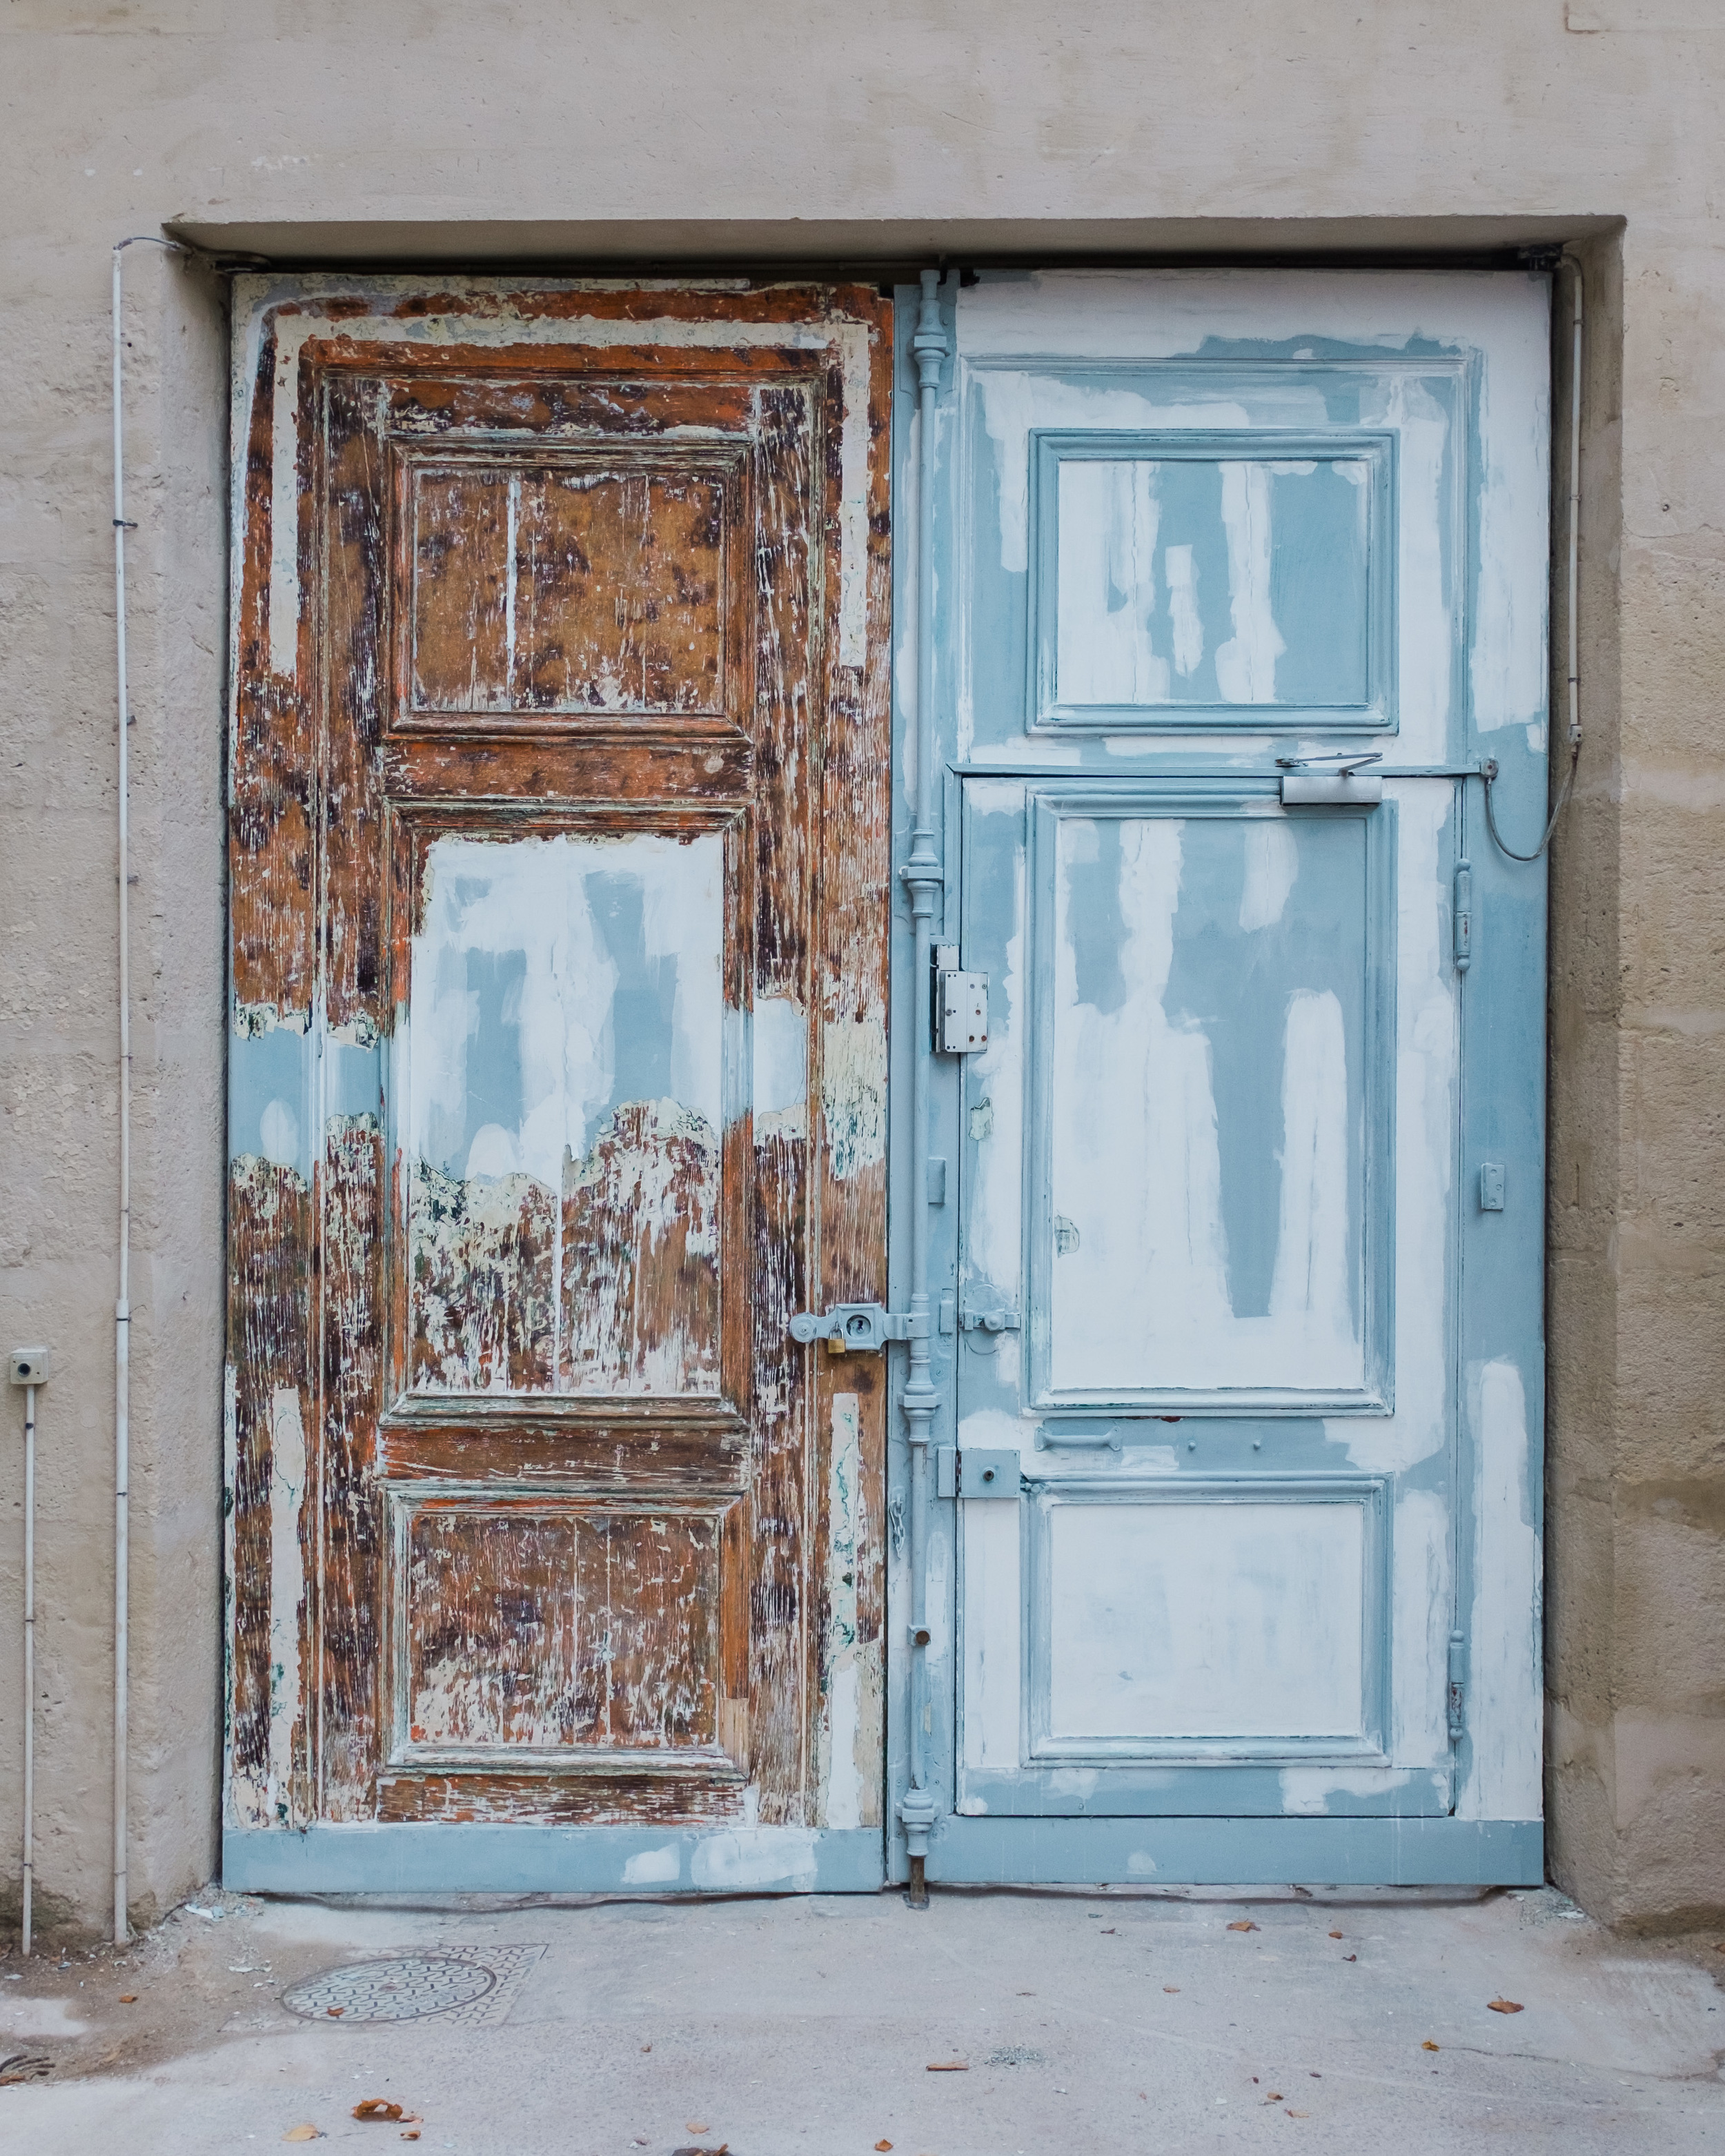 london-britian-cambridge-stmalo-mont-saint-michel-france-normandy-paris-107.jpg